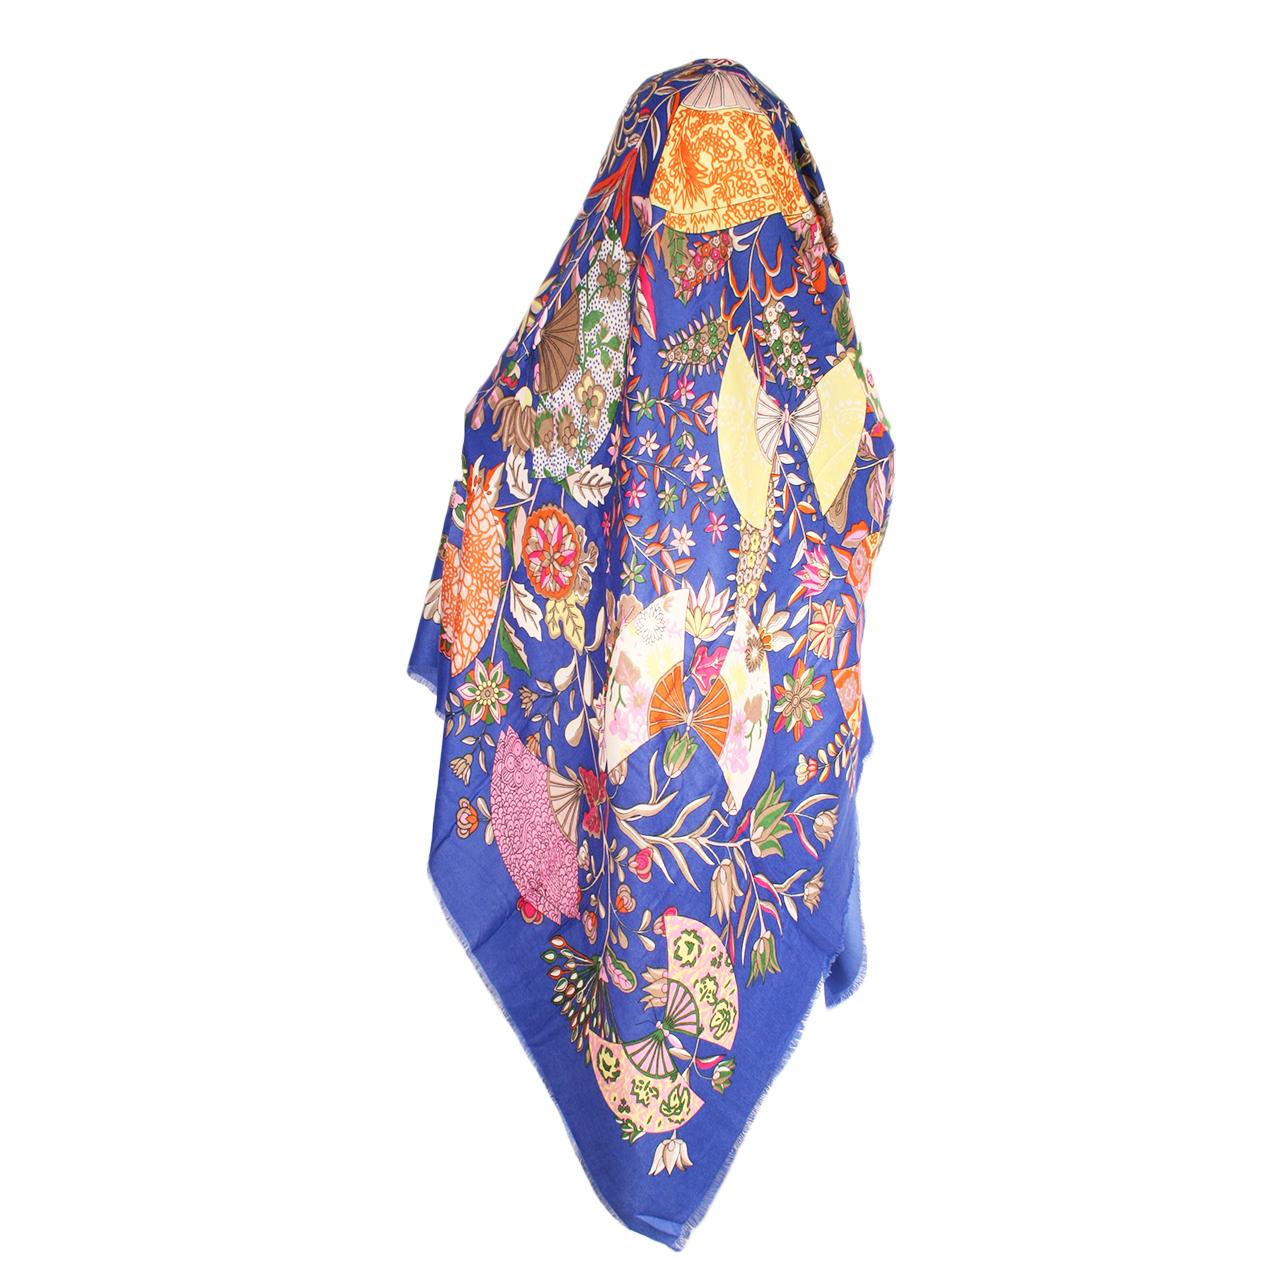 روسری زنانه کاپریس کد 217